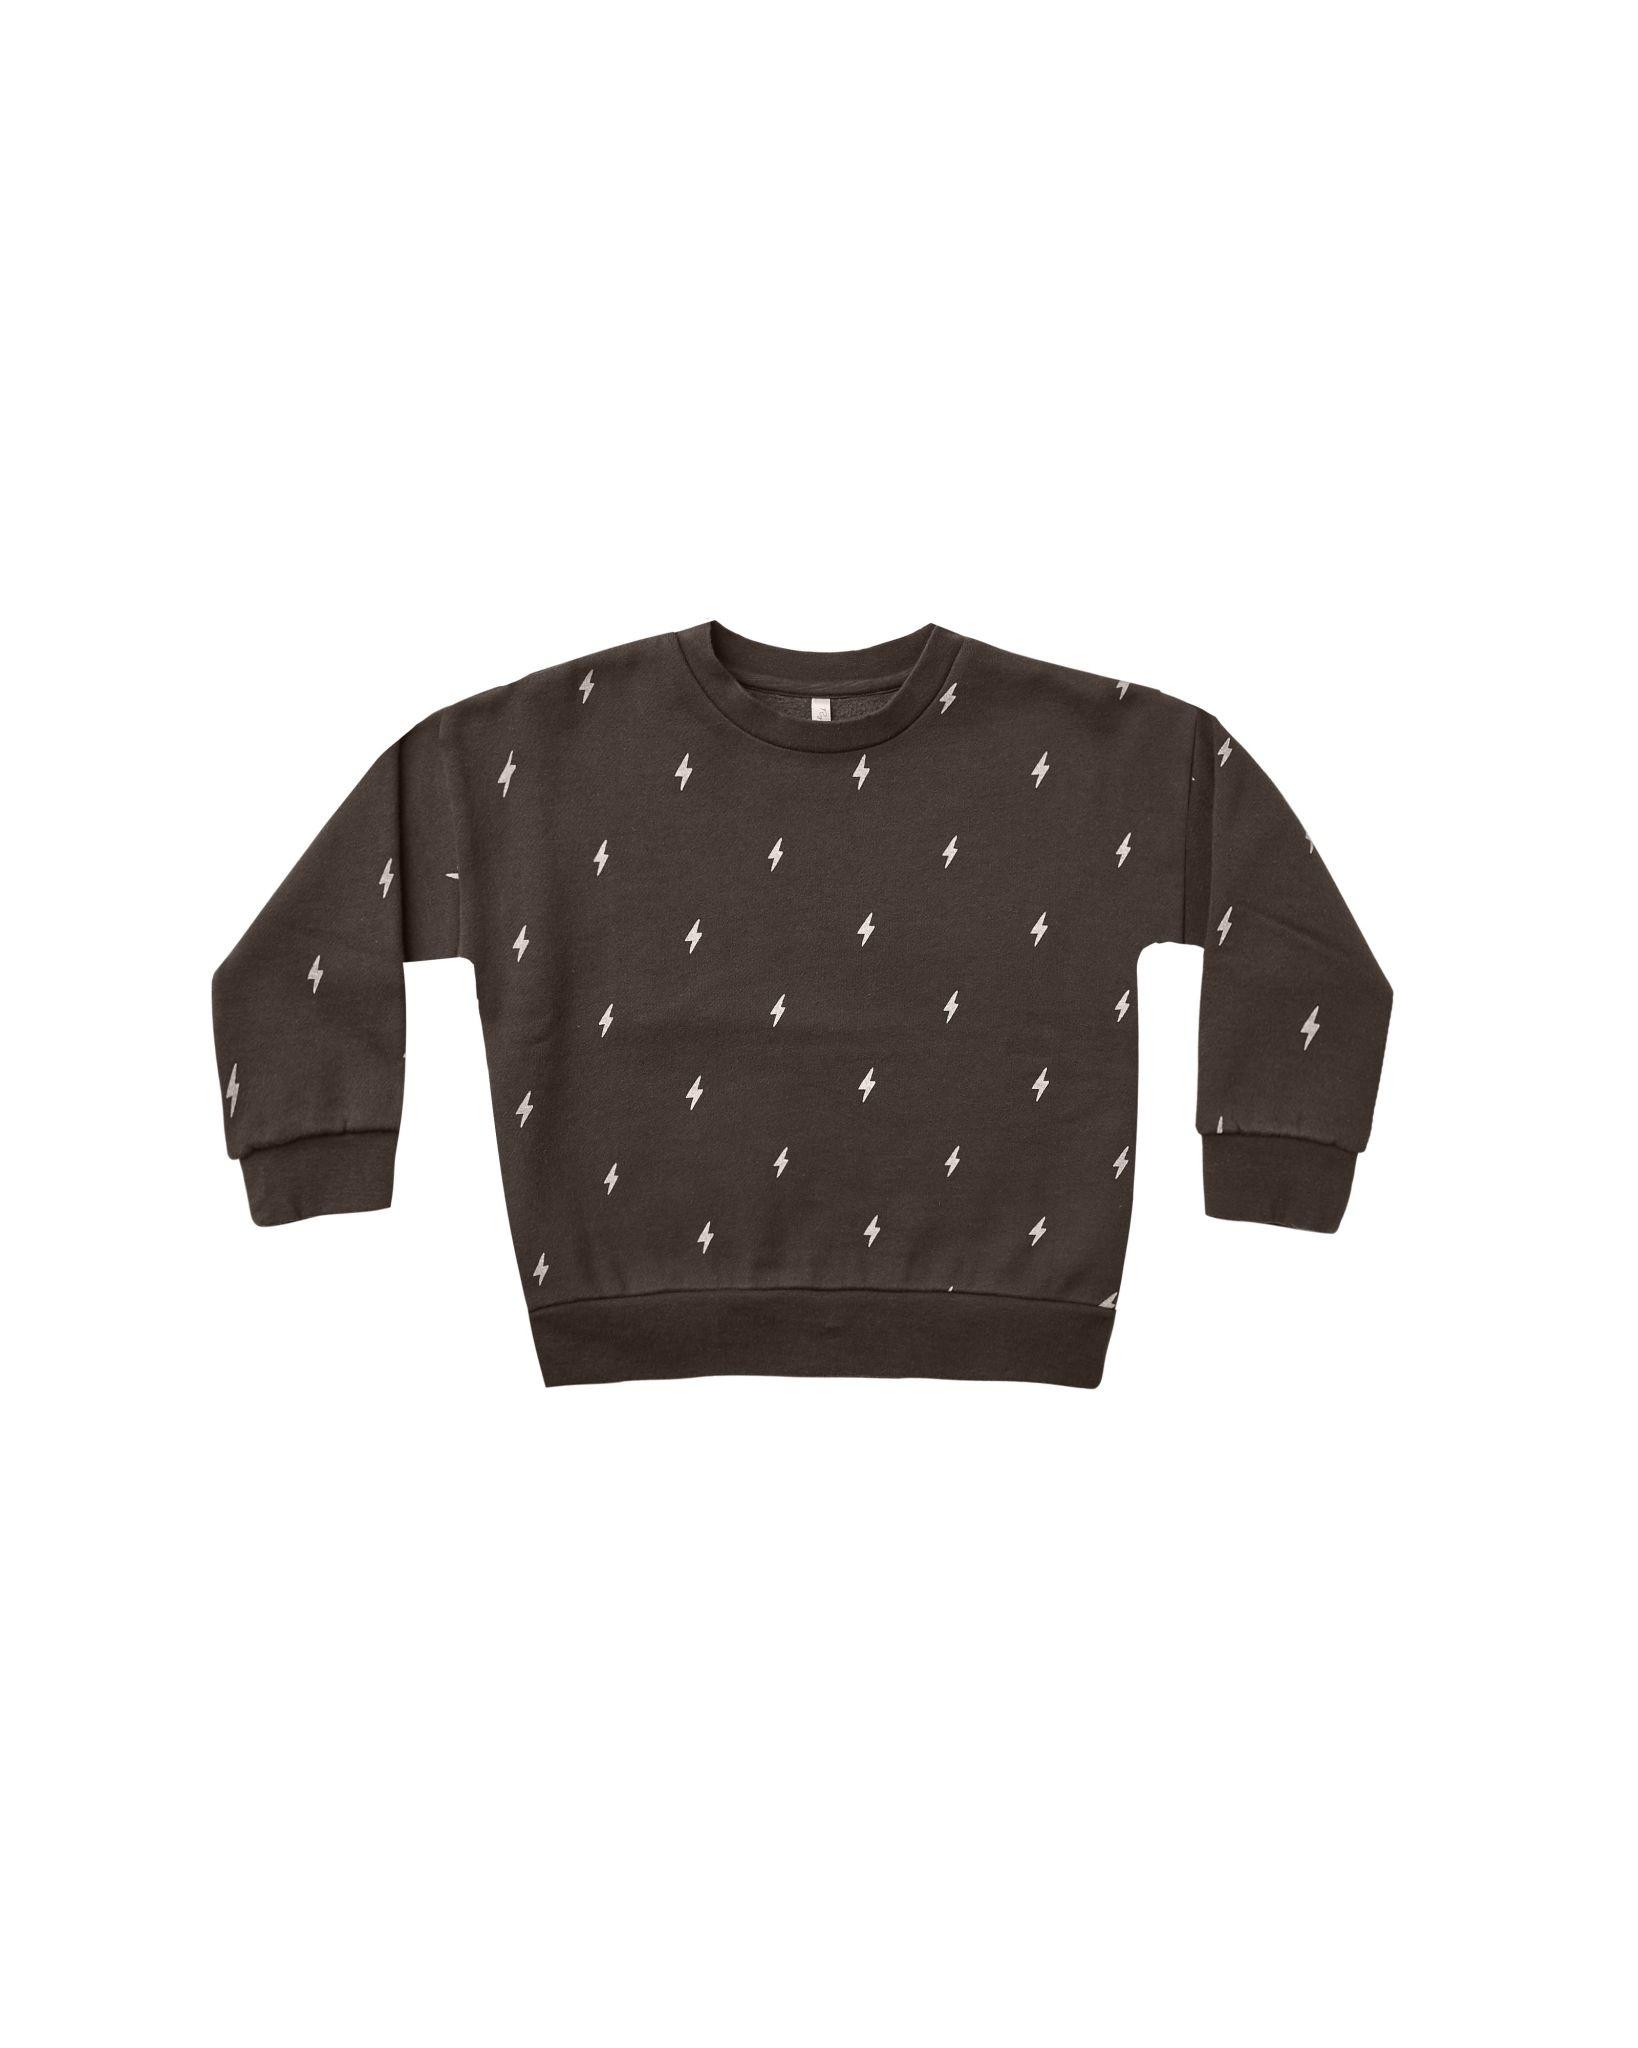 Rylee and Cru Rylee & Cru Fleece Lightening Sweatshirt